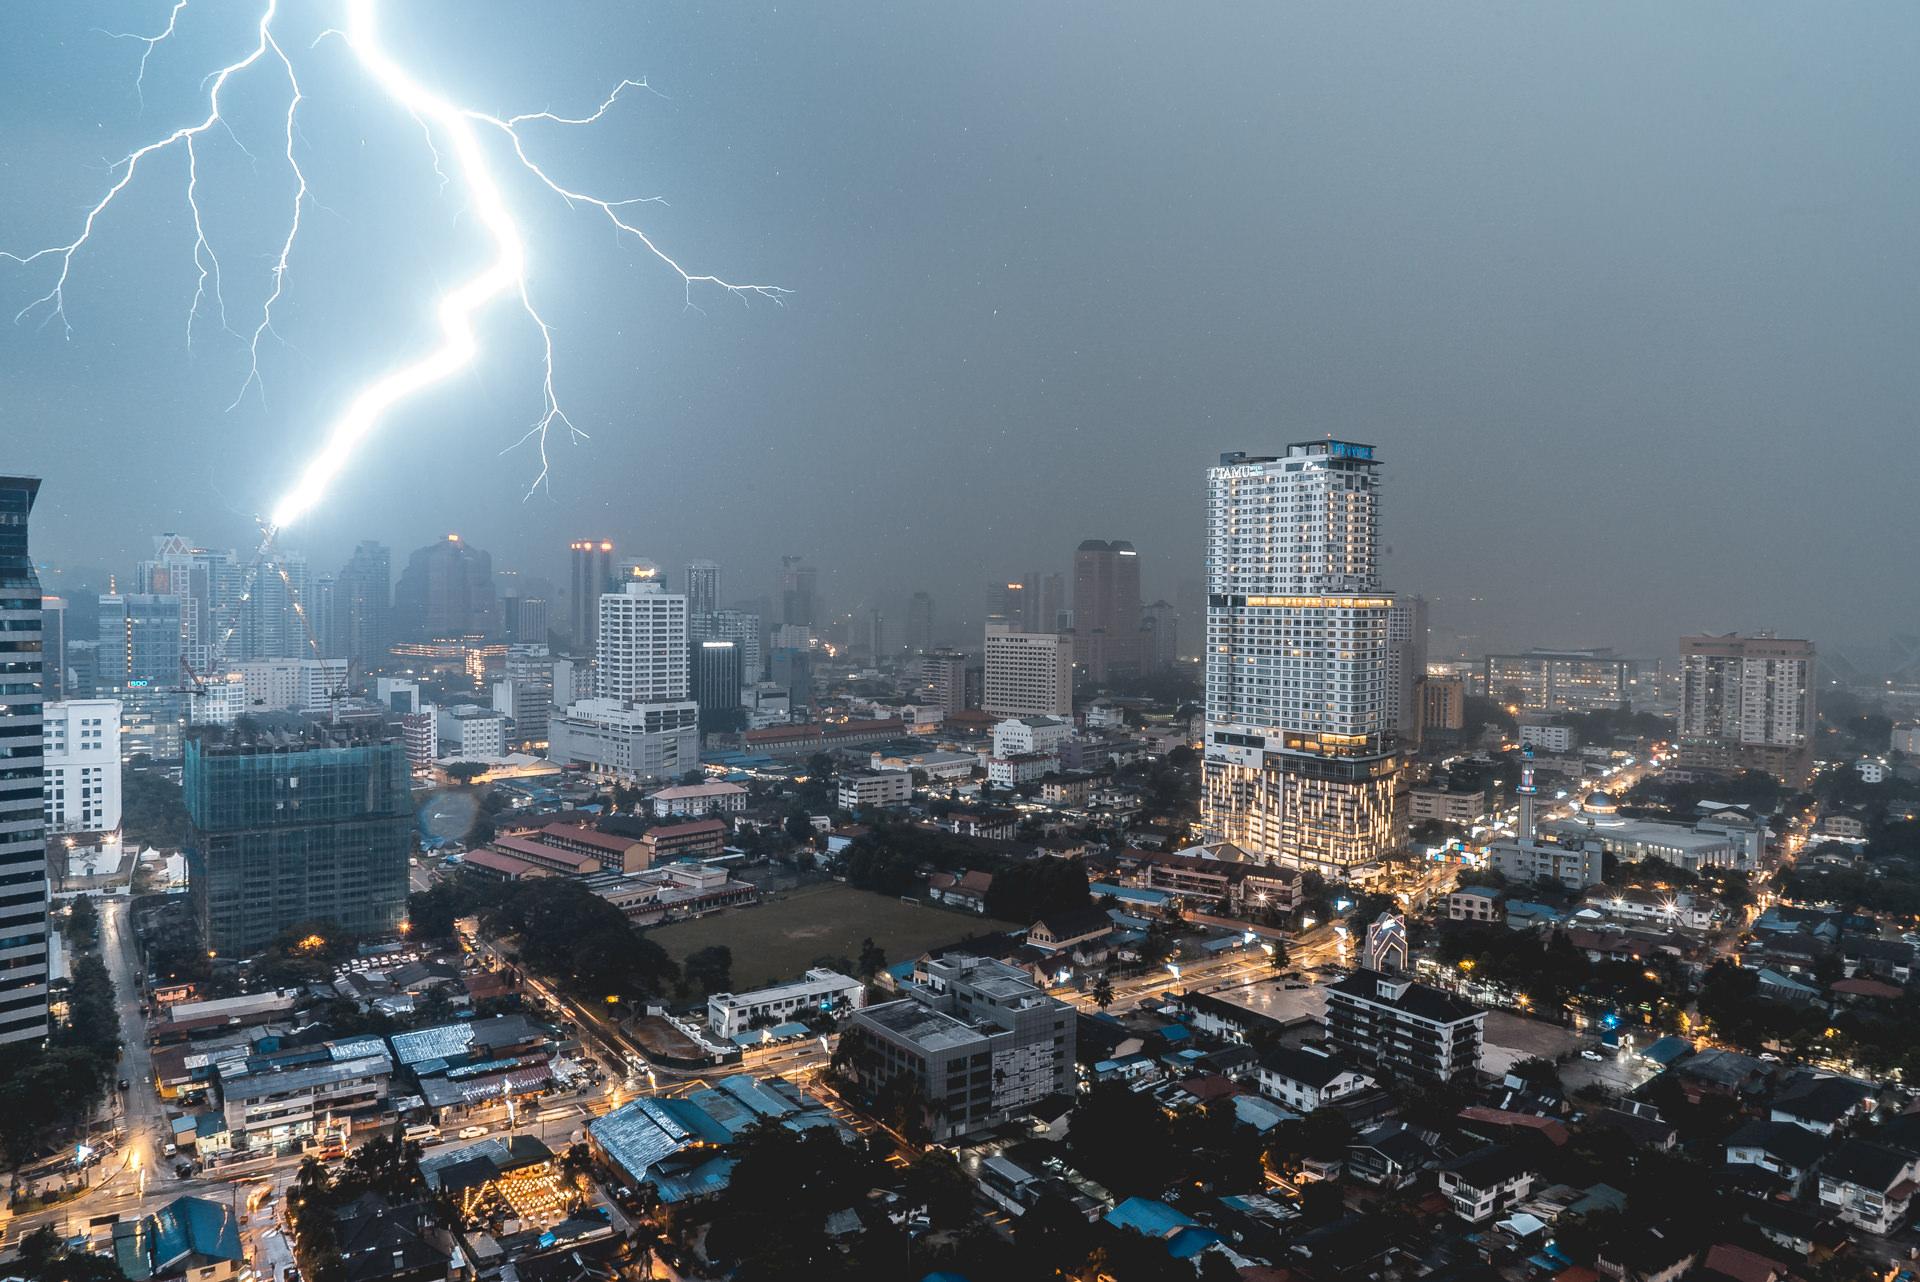 Kuala Lumpur, Malaysia 2018